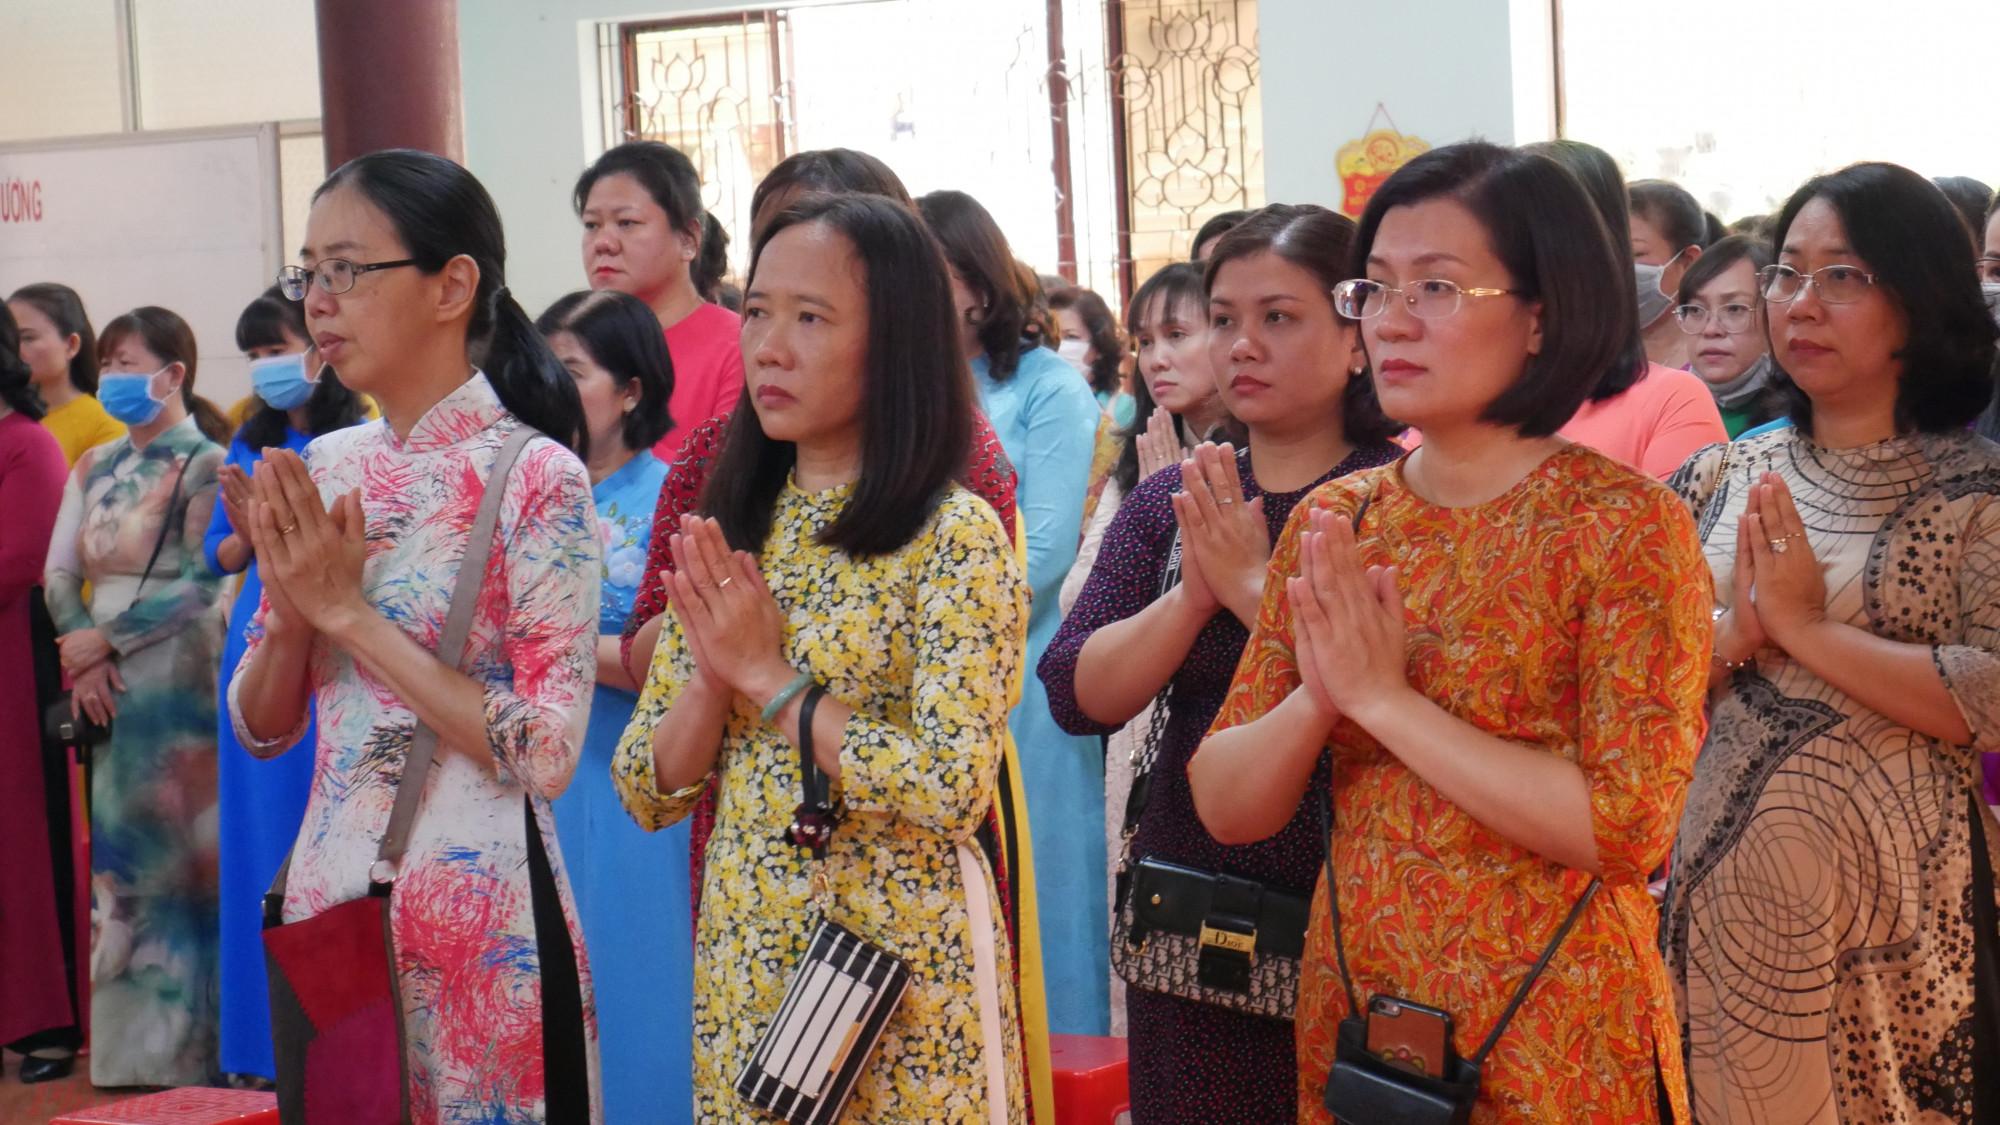 Cán bộ hội viên phụ nữ tưởng nhớ đến các cán bộ, chiến sĩ Ban Phụ vận Sài Gòn – Gia Định đã hy sinh